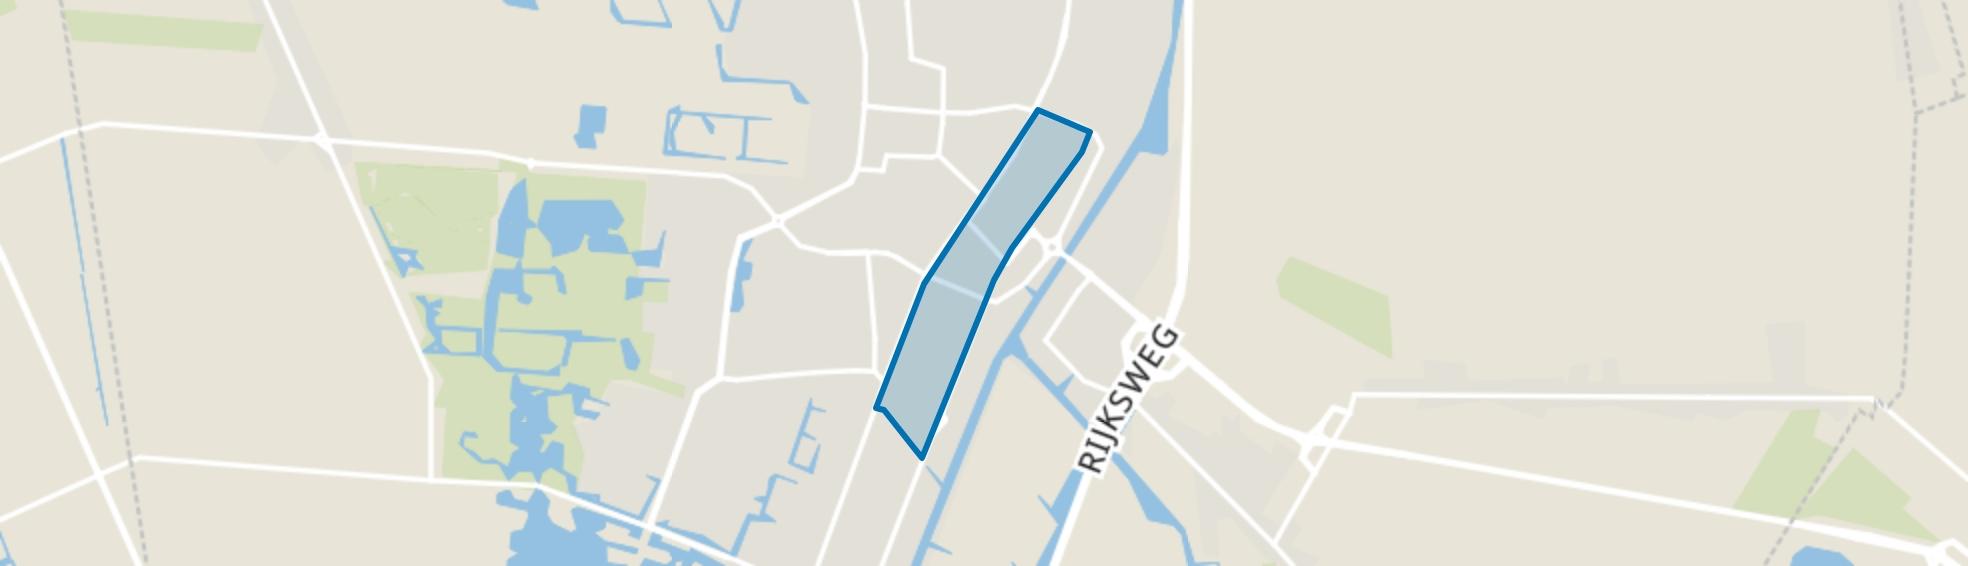 Veendam en omgeving station, Veendam map